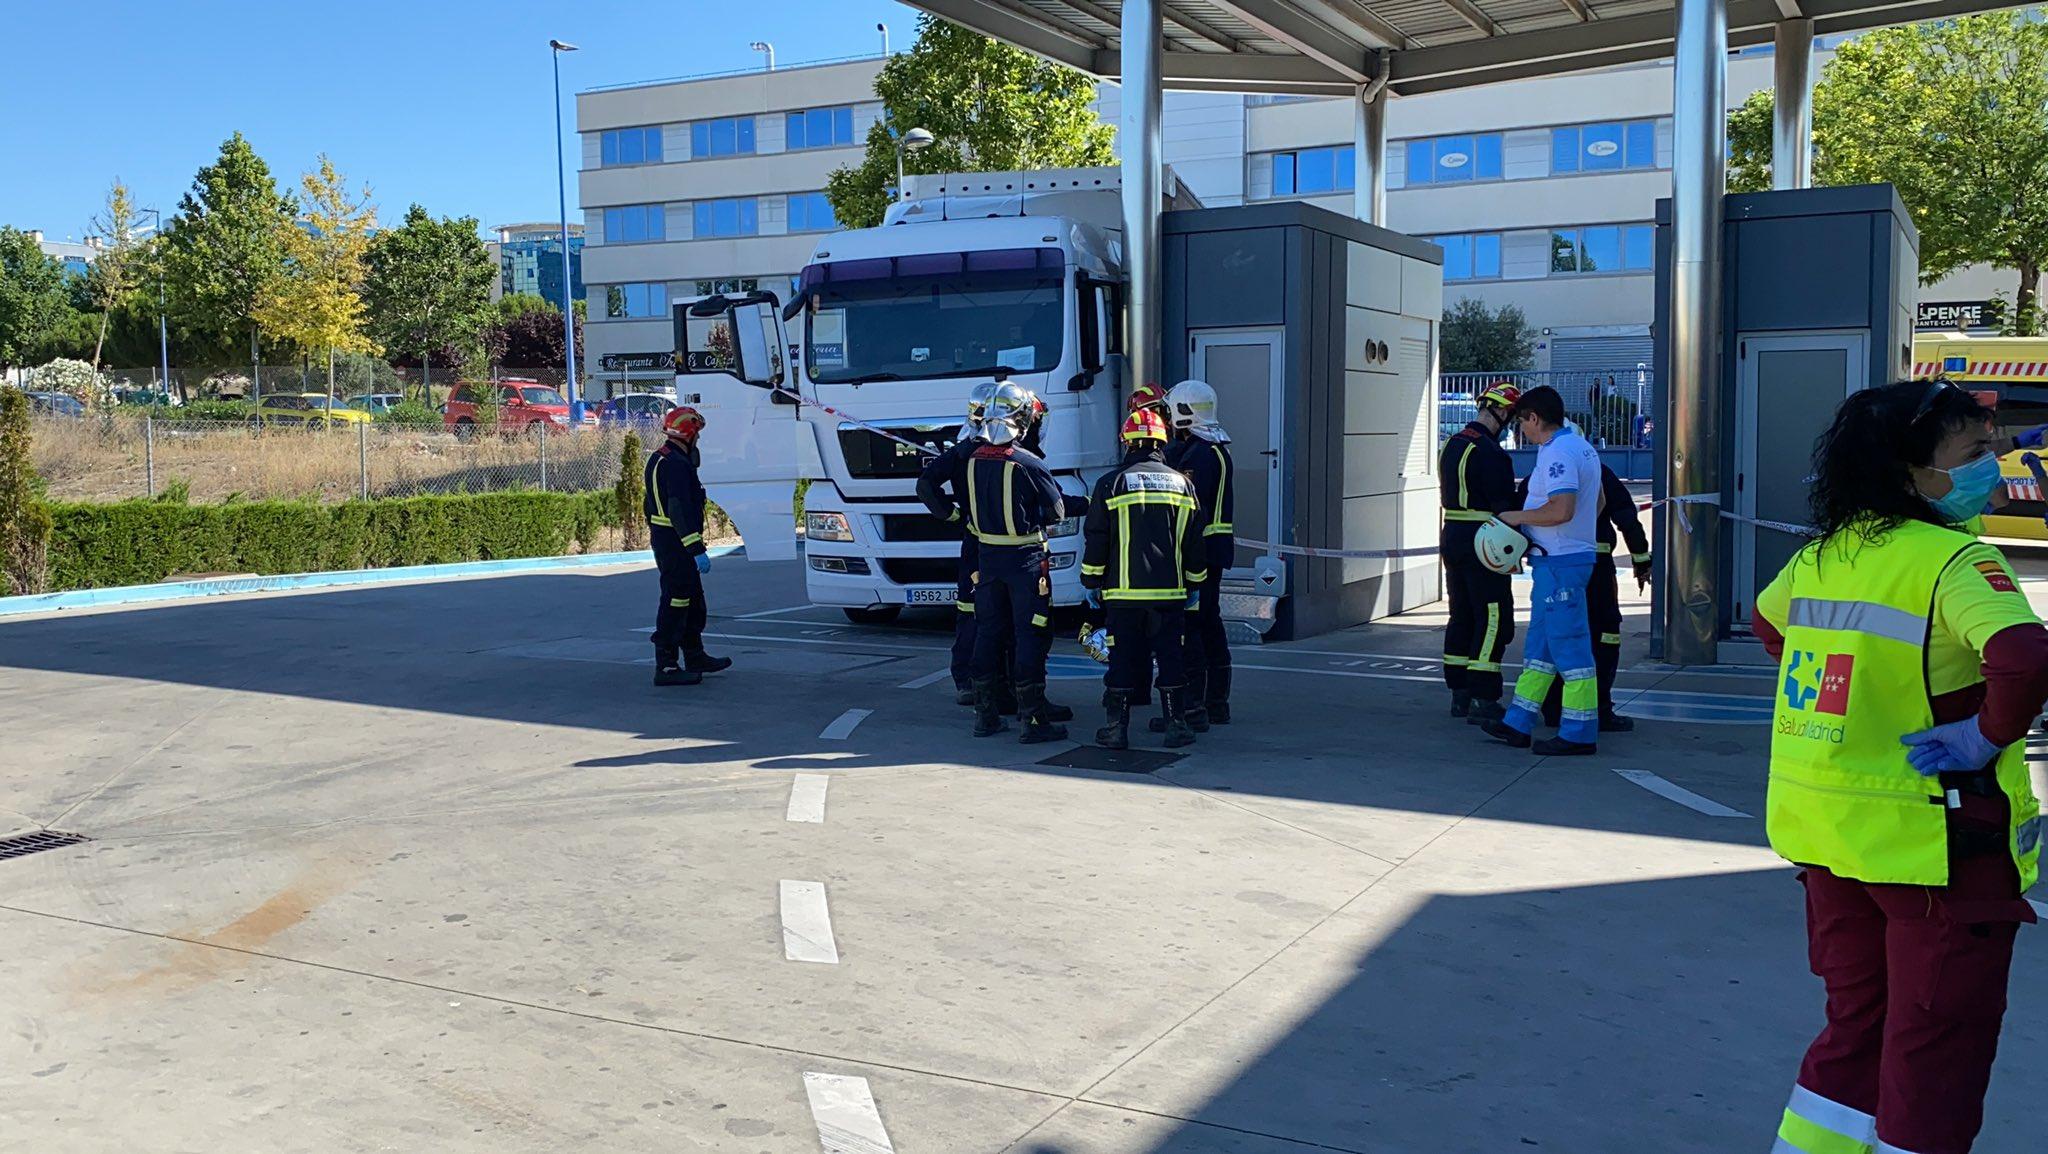 Fallece un camionero aplastado por su propio vehículo en la ITV de Rivas